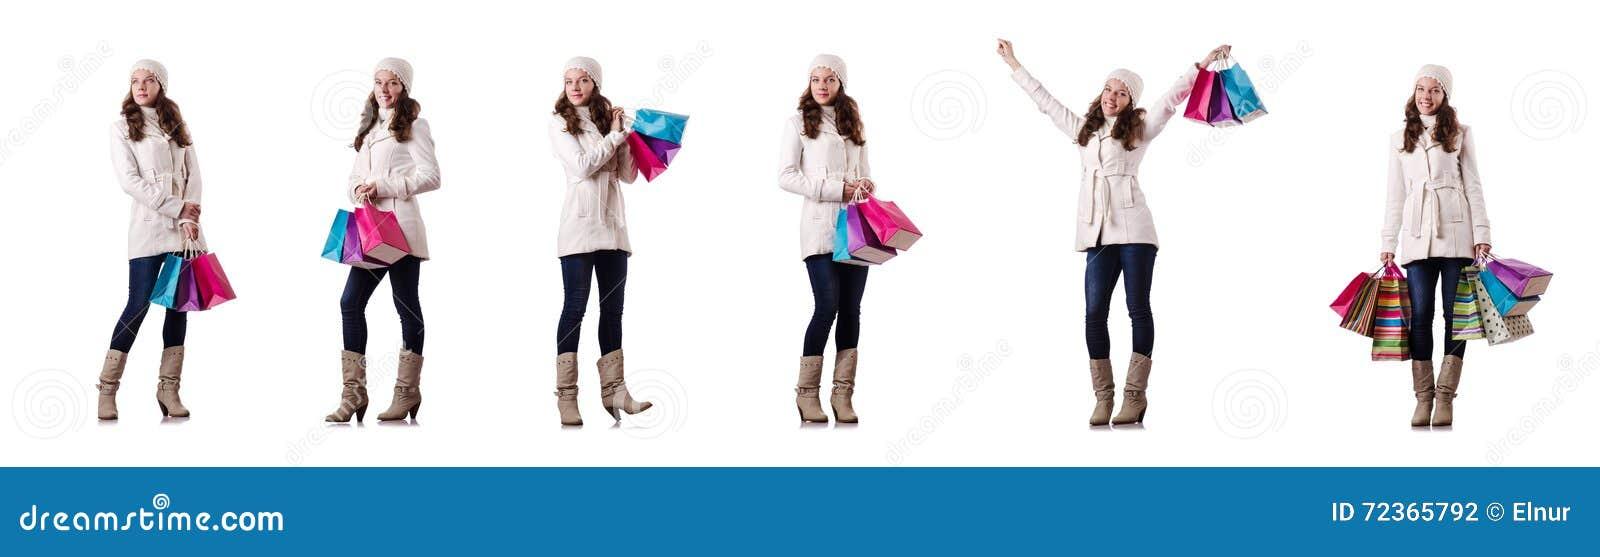 做圣诞节购物的冬天衣物的妇女